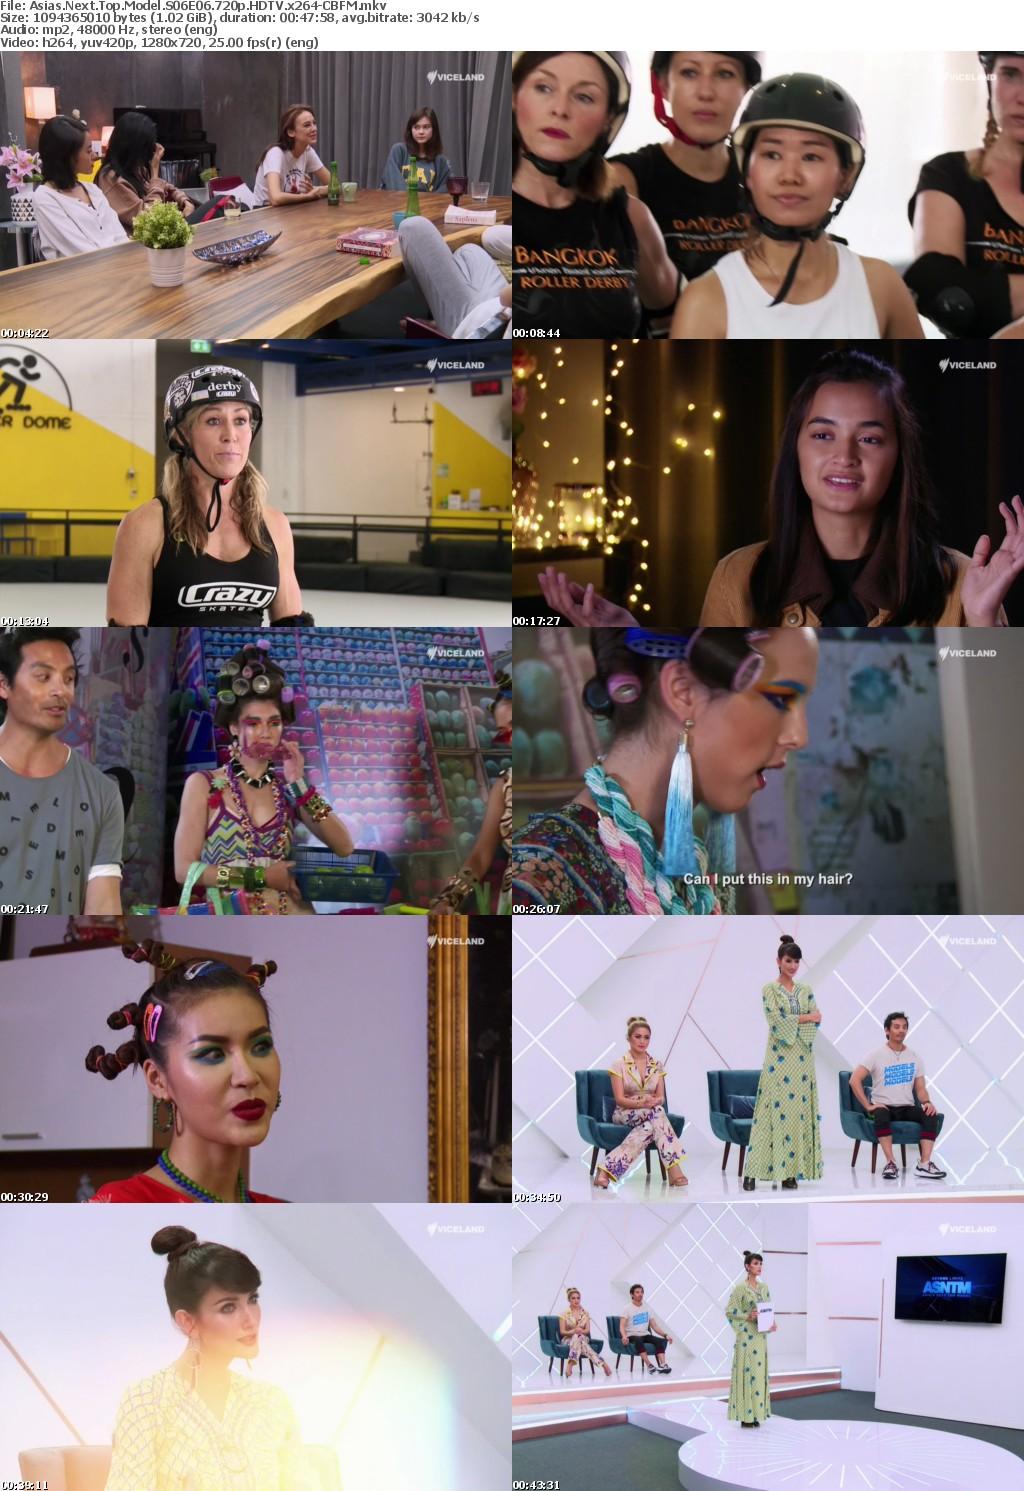 Asias Next Top Model S06E06 720p HDTV x264-CBFM